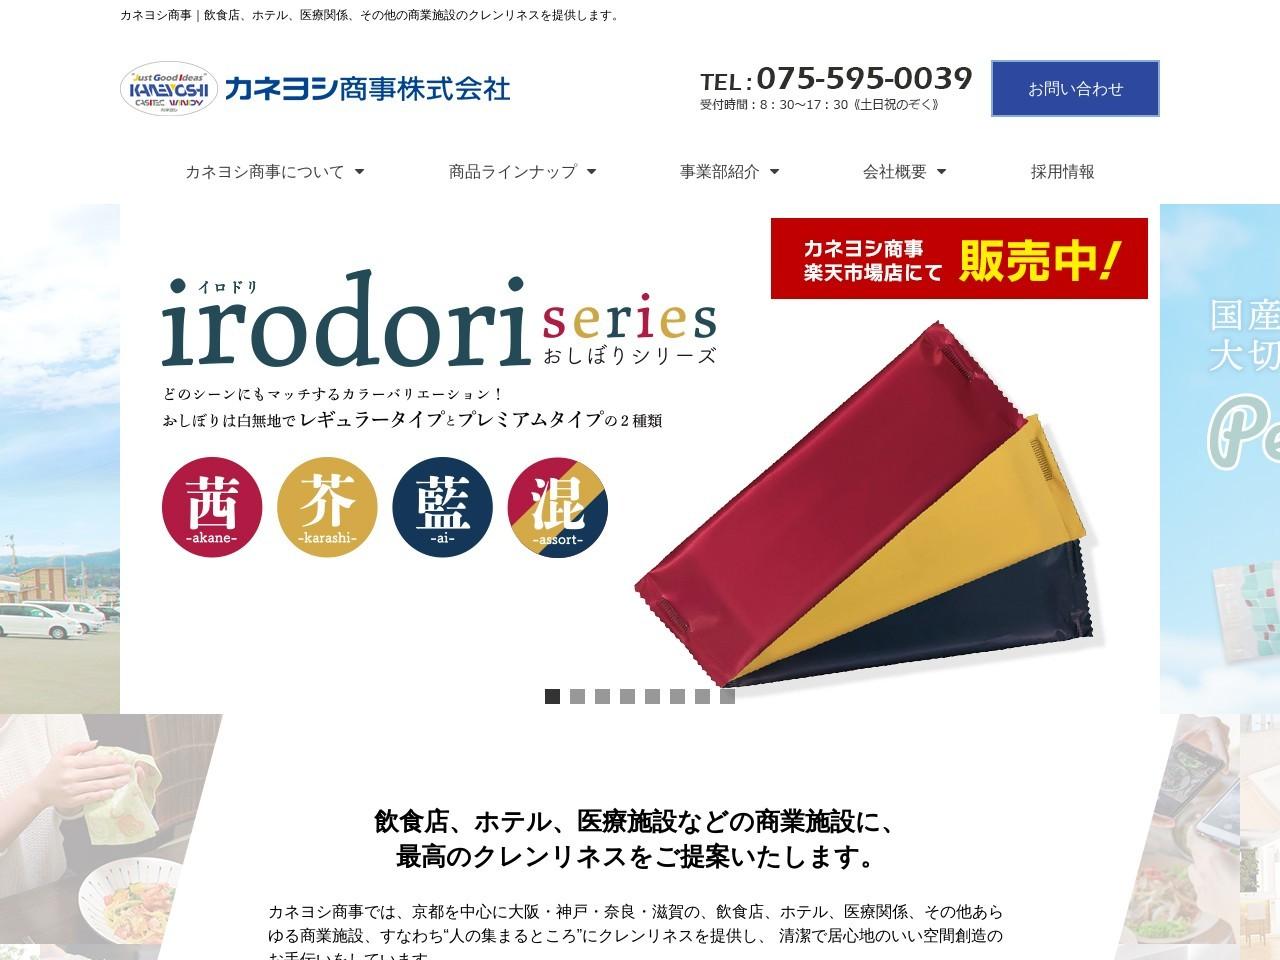 カネヨシ商亊株式会社